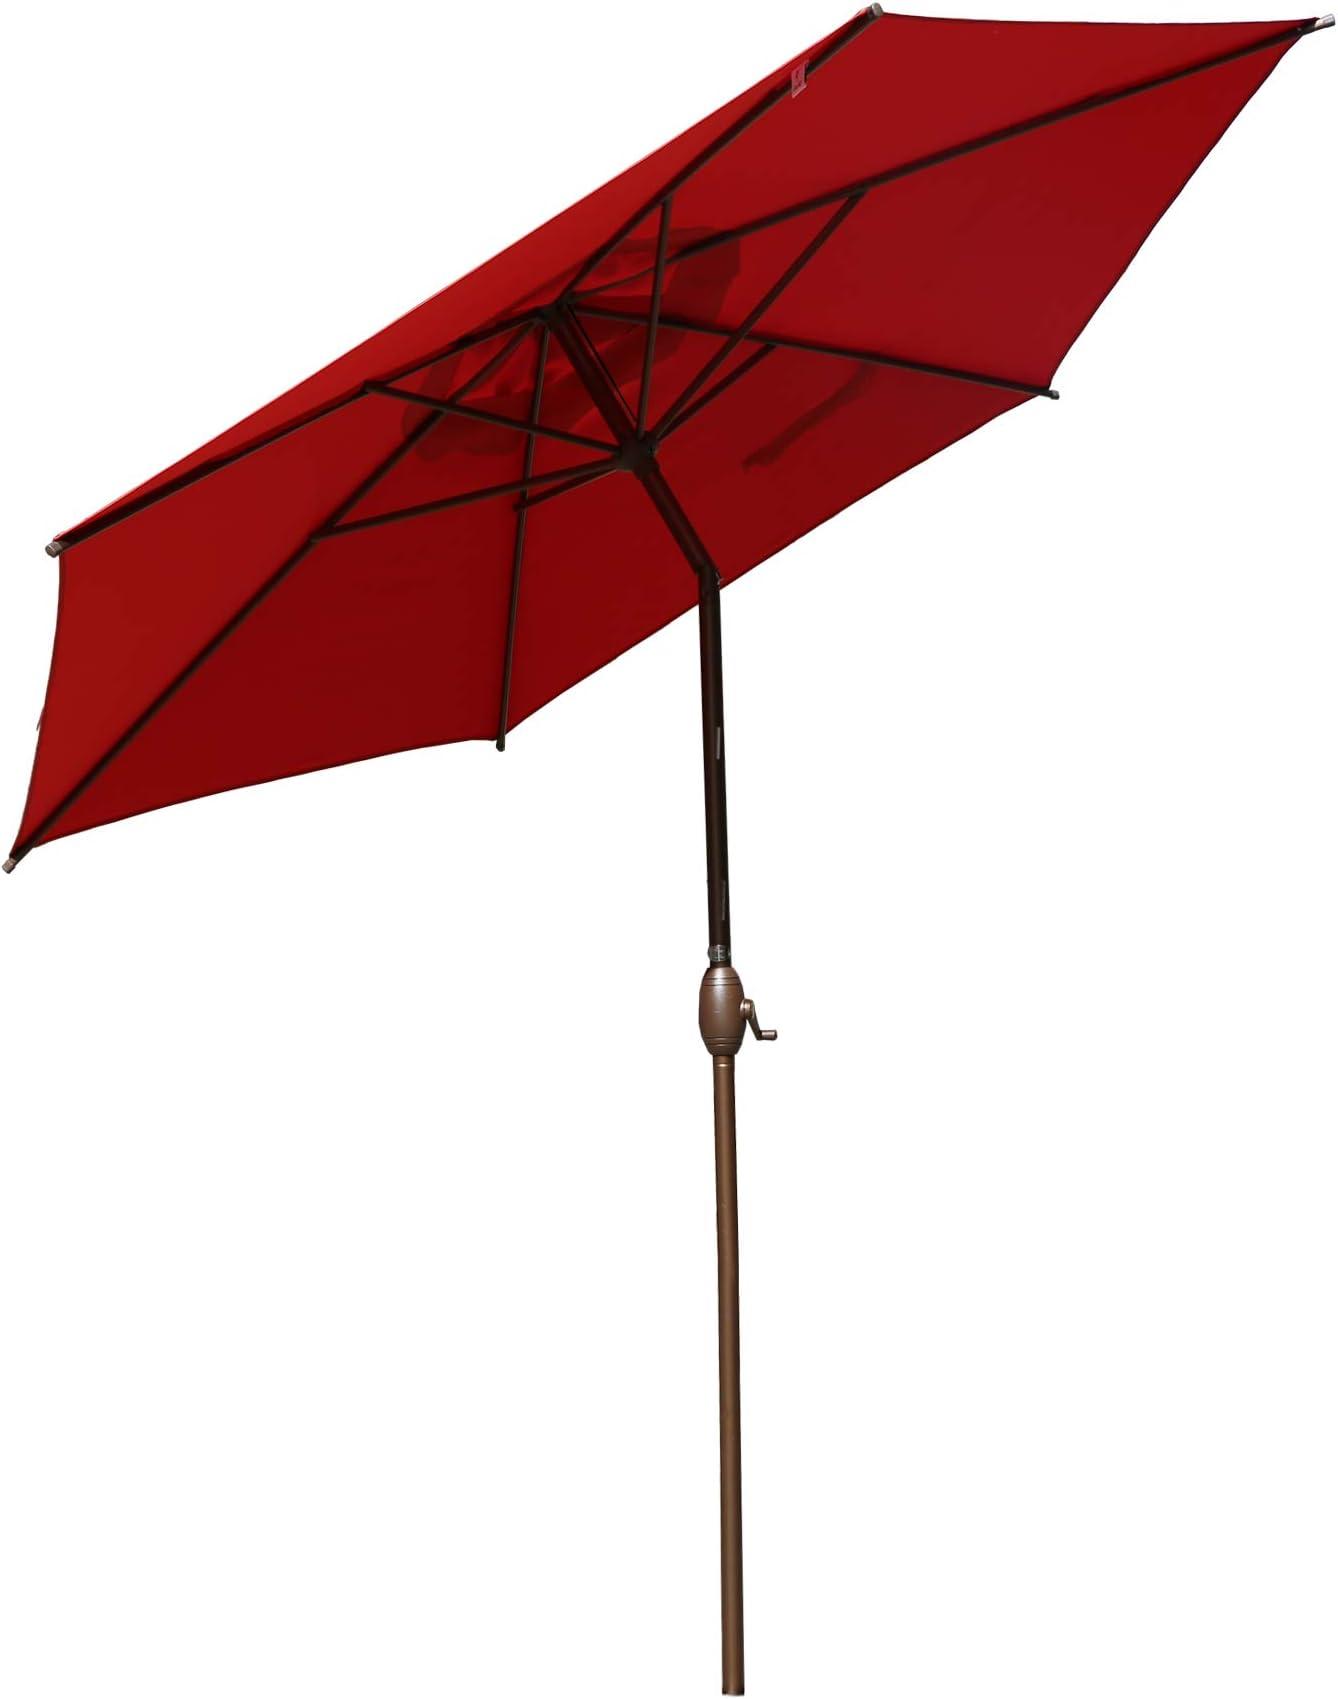 Sun Parasol  \u223c Women sun umbrella \u223c Cotton \u223c Lase \u223c Wooden handle \u223c Rockabilly \u223c Women gift \u223c Sun protection umbrella \u223c Women fashion